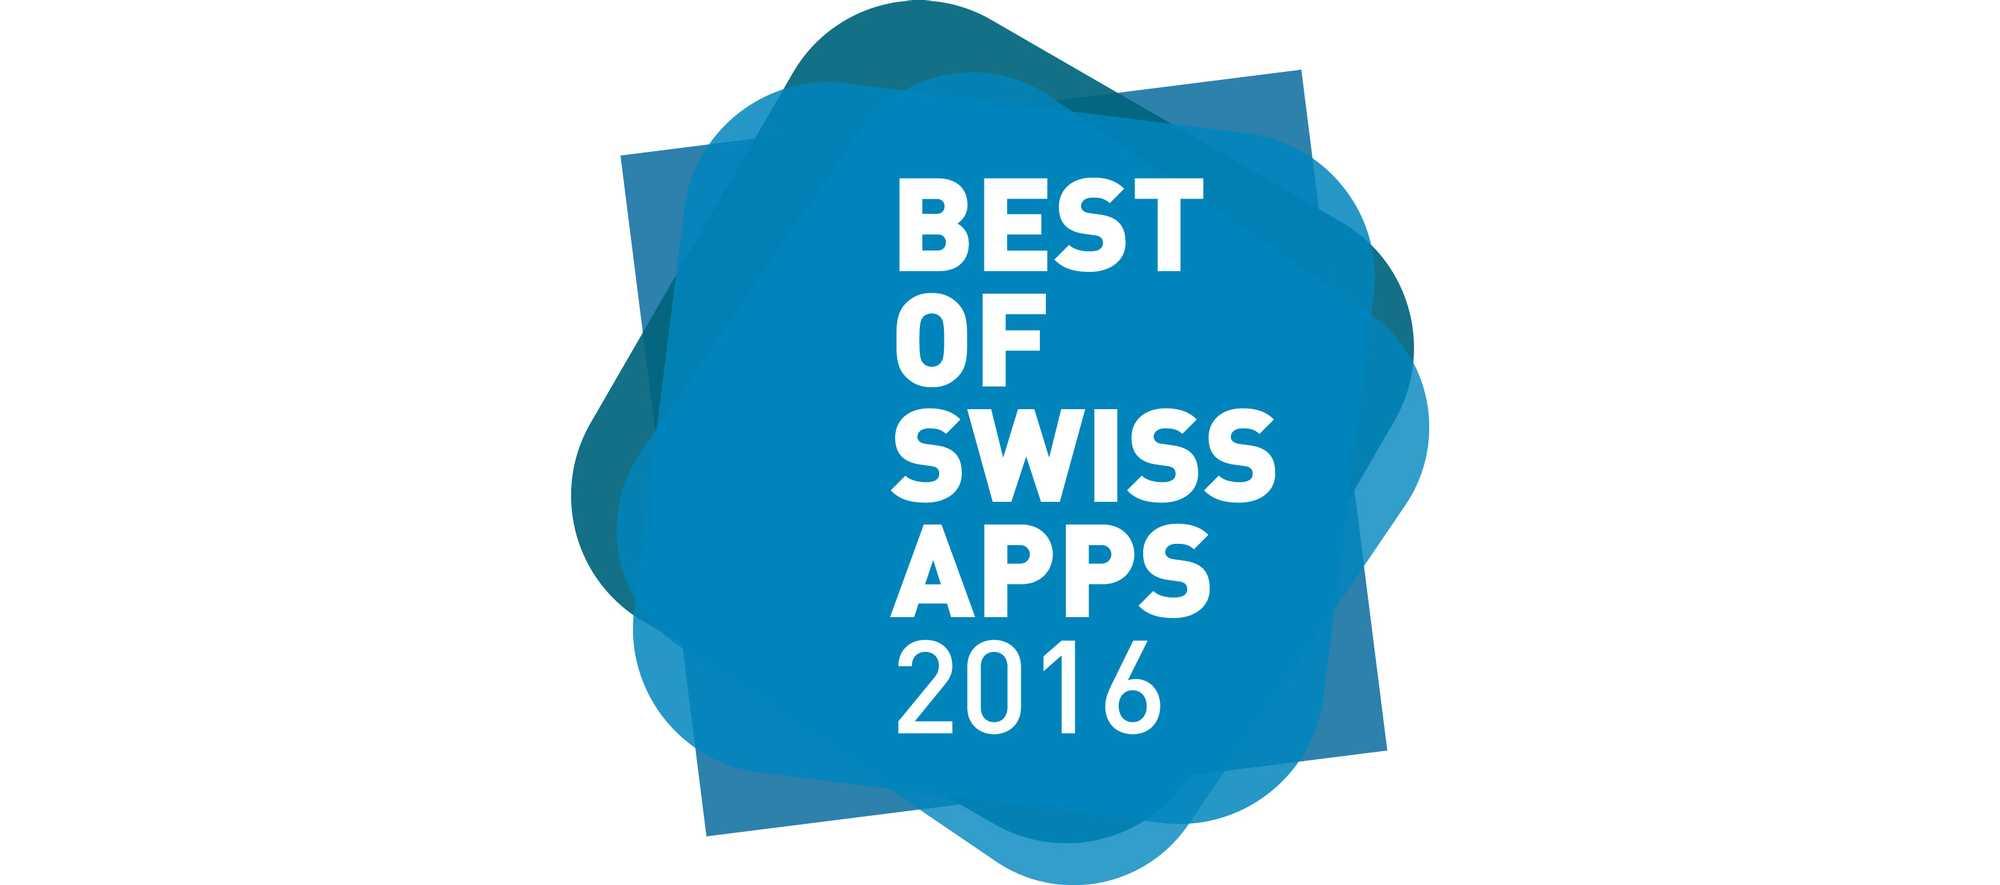 Startschuss f r best of swiss apps 2016 it magazine Best home design apps 2016